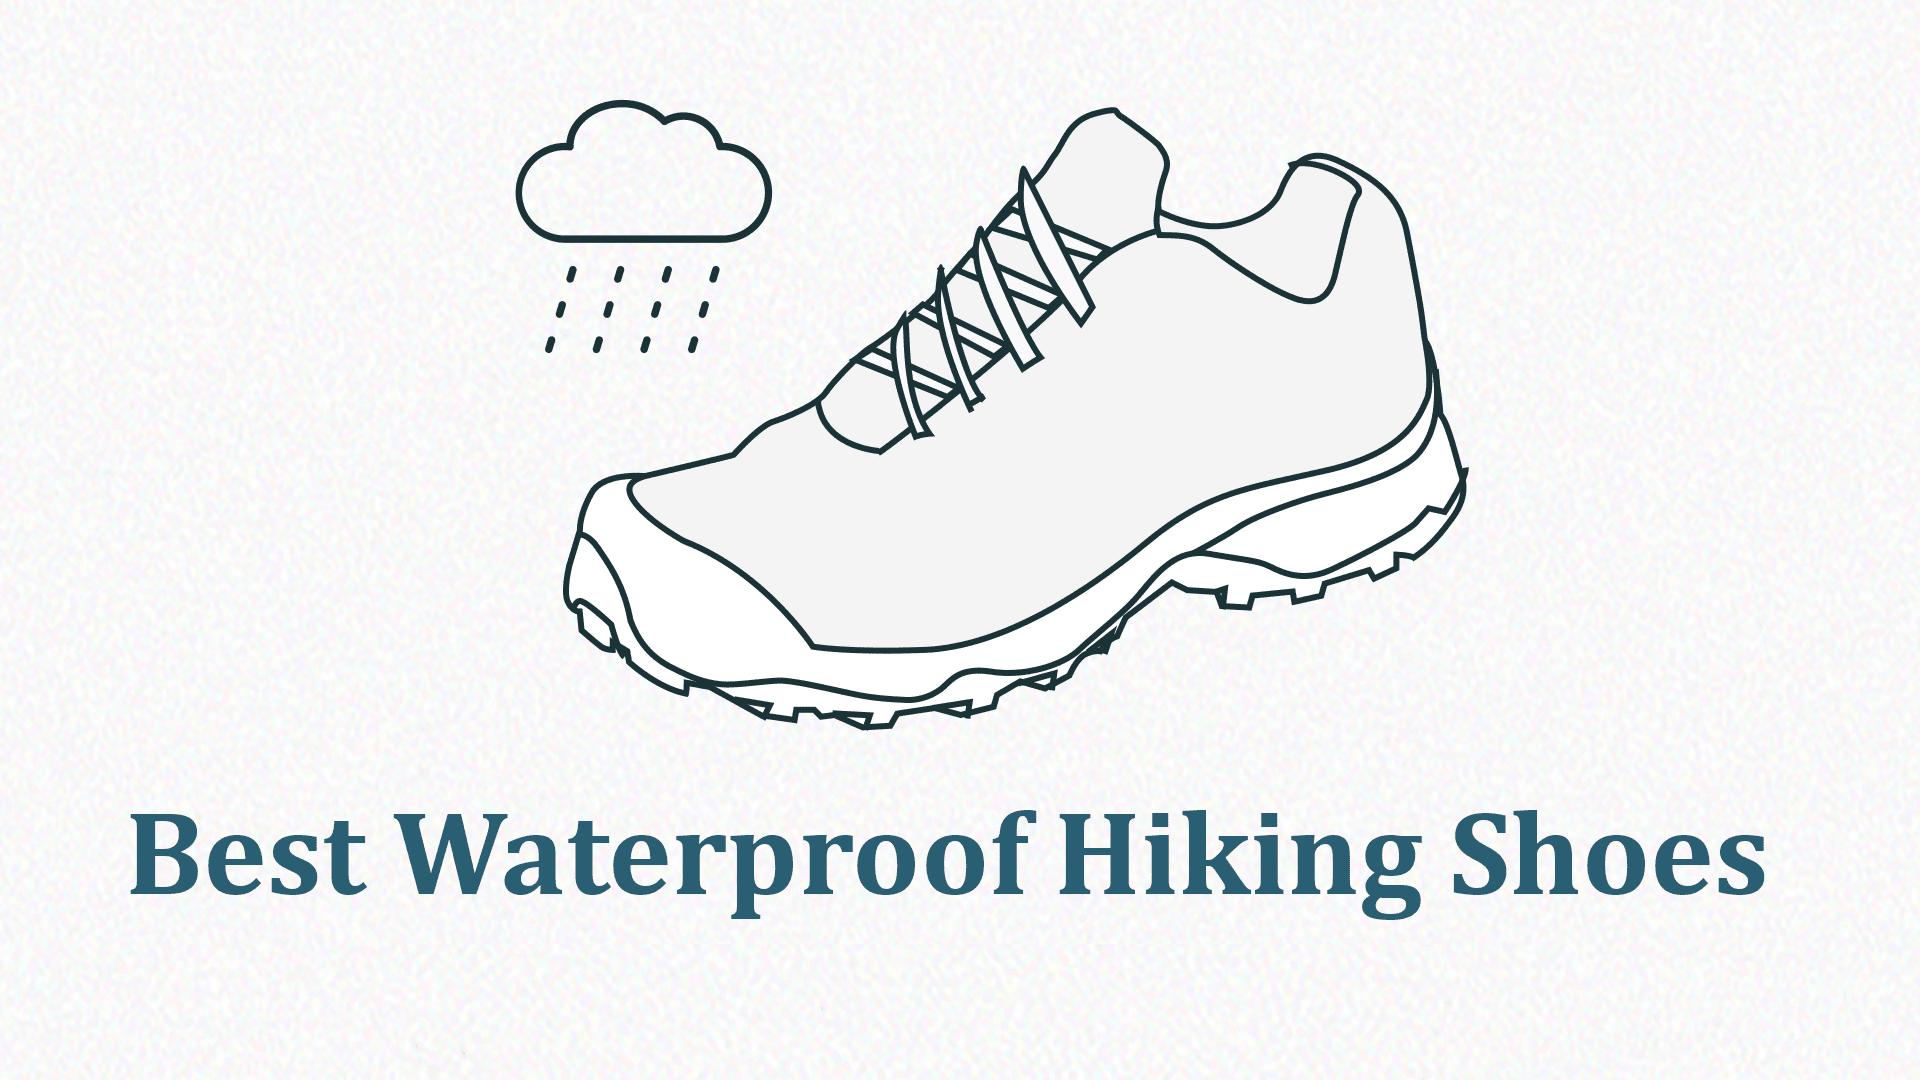 10 Best Waterproof Hiking Shoes in 2021